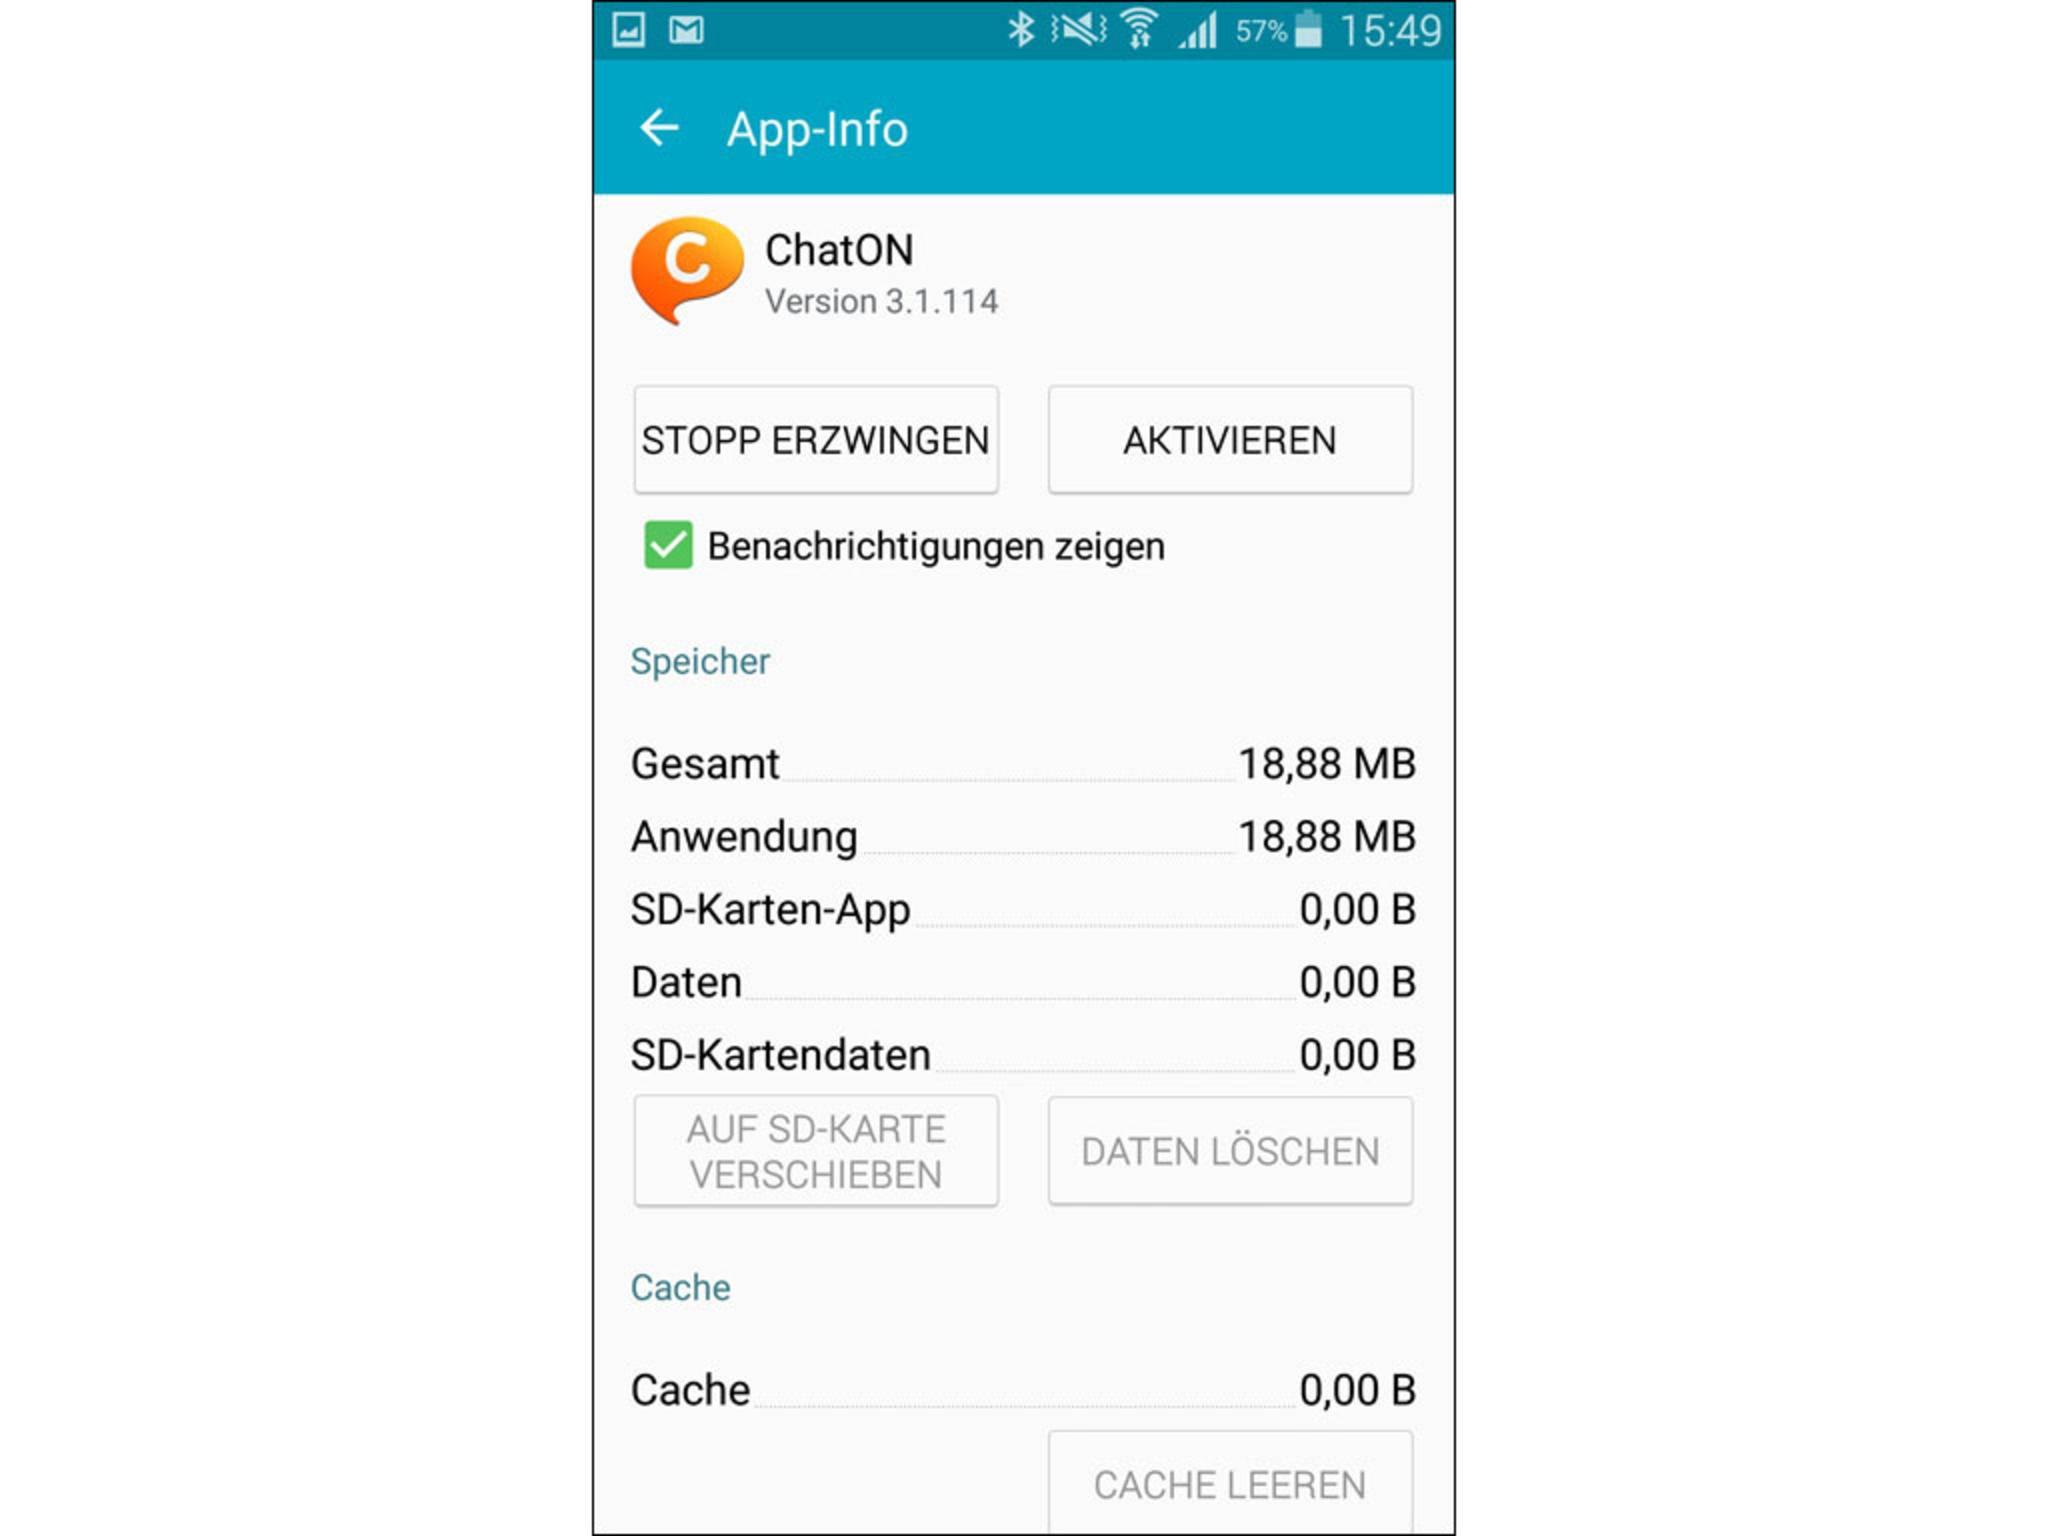 Danach ist die App deaktiviert, wird nicht mehr automatisch aktualisiert und verbraucht kein Datenvolumen.